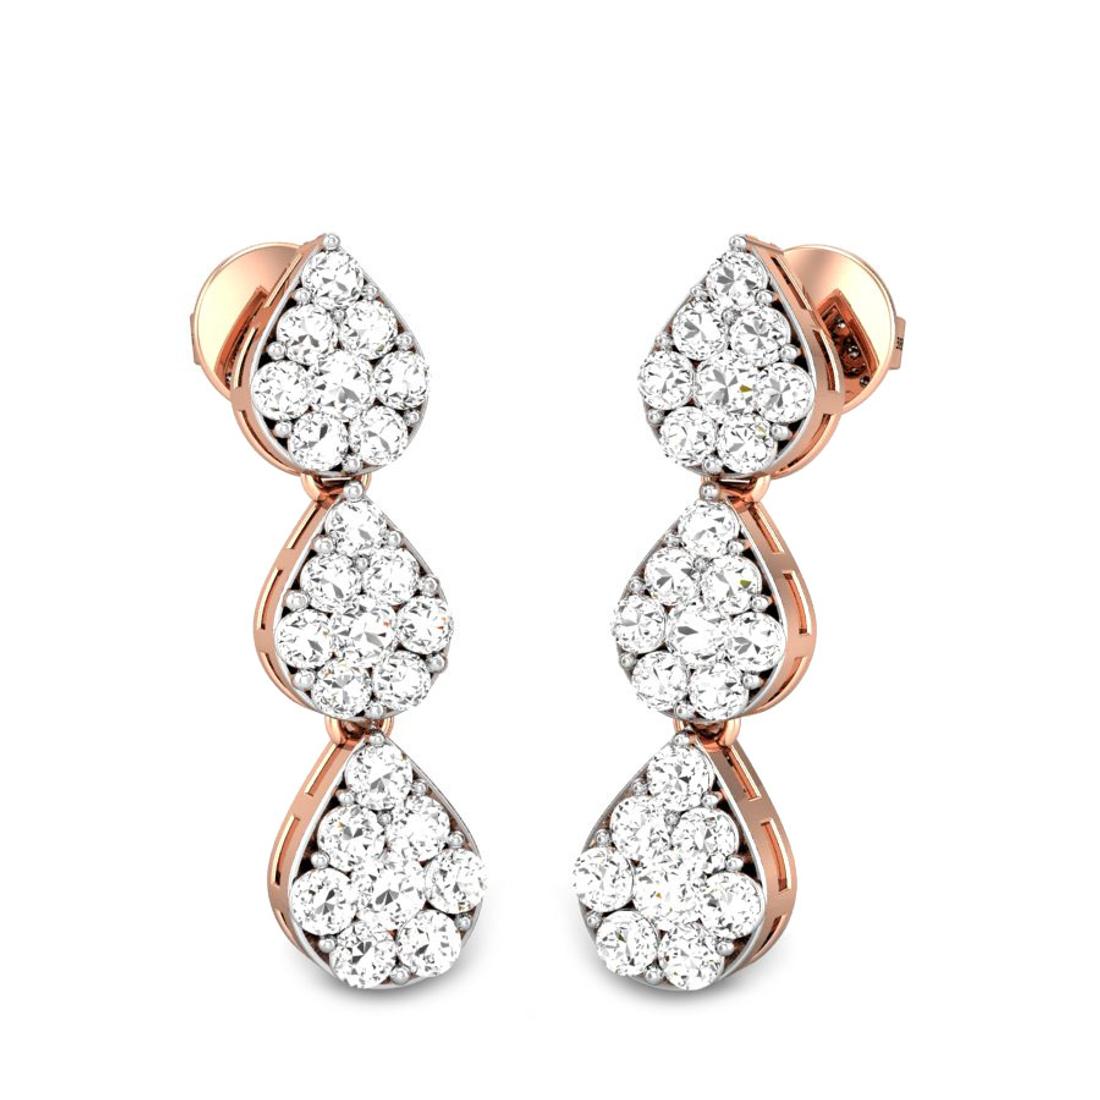 Candere by Kalyan Jewellers Rose Gold Star Drops Ziah Diamond Earrings for Women (IGI Certified Diamonds)